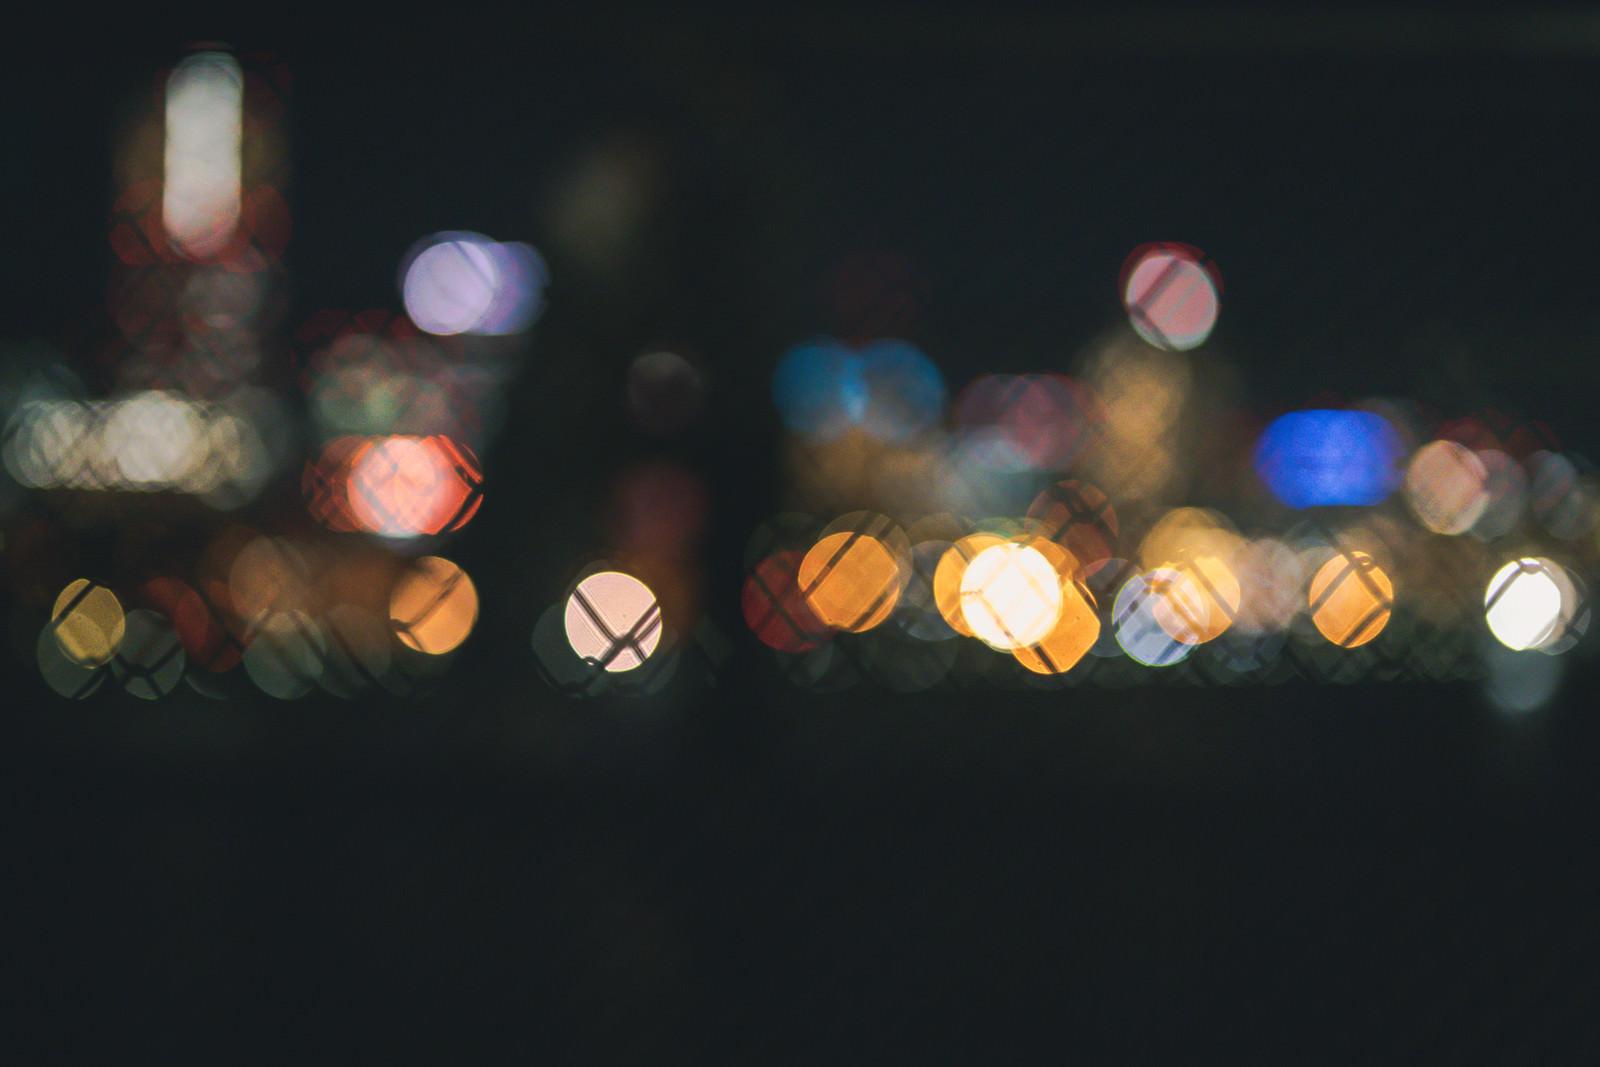 「フェンスの街の灯り」の写真